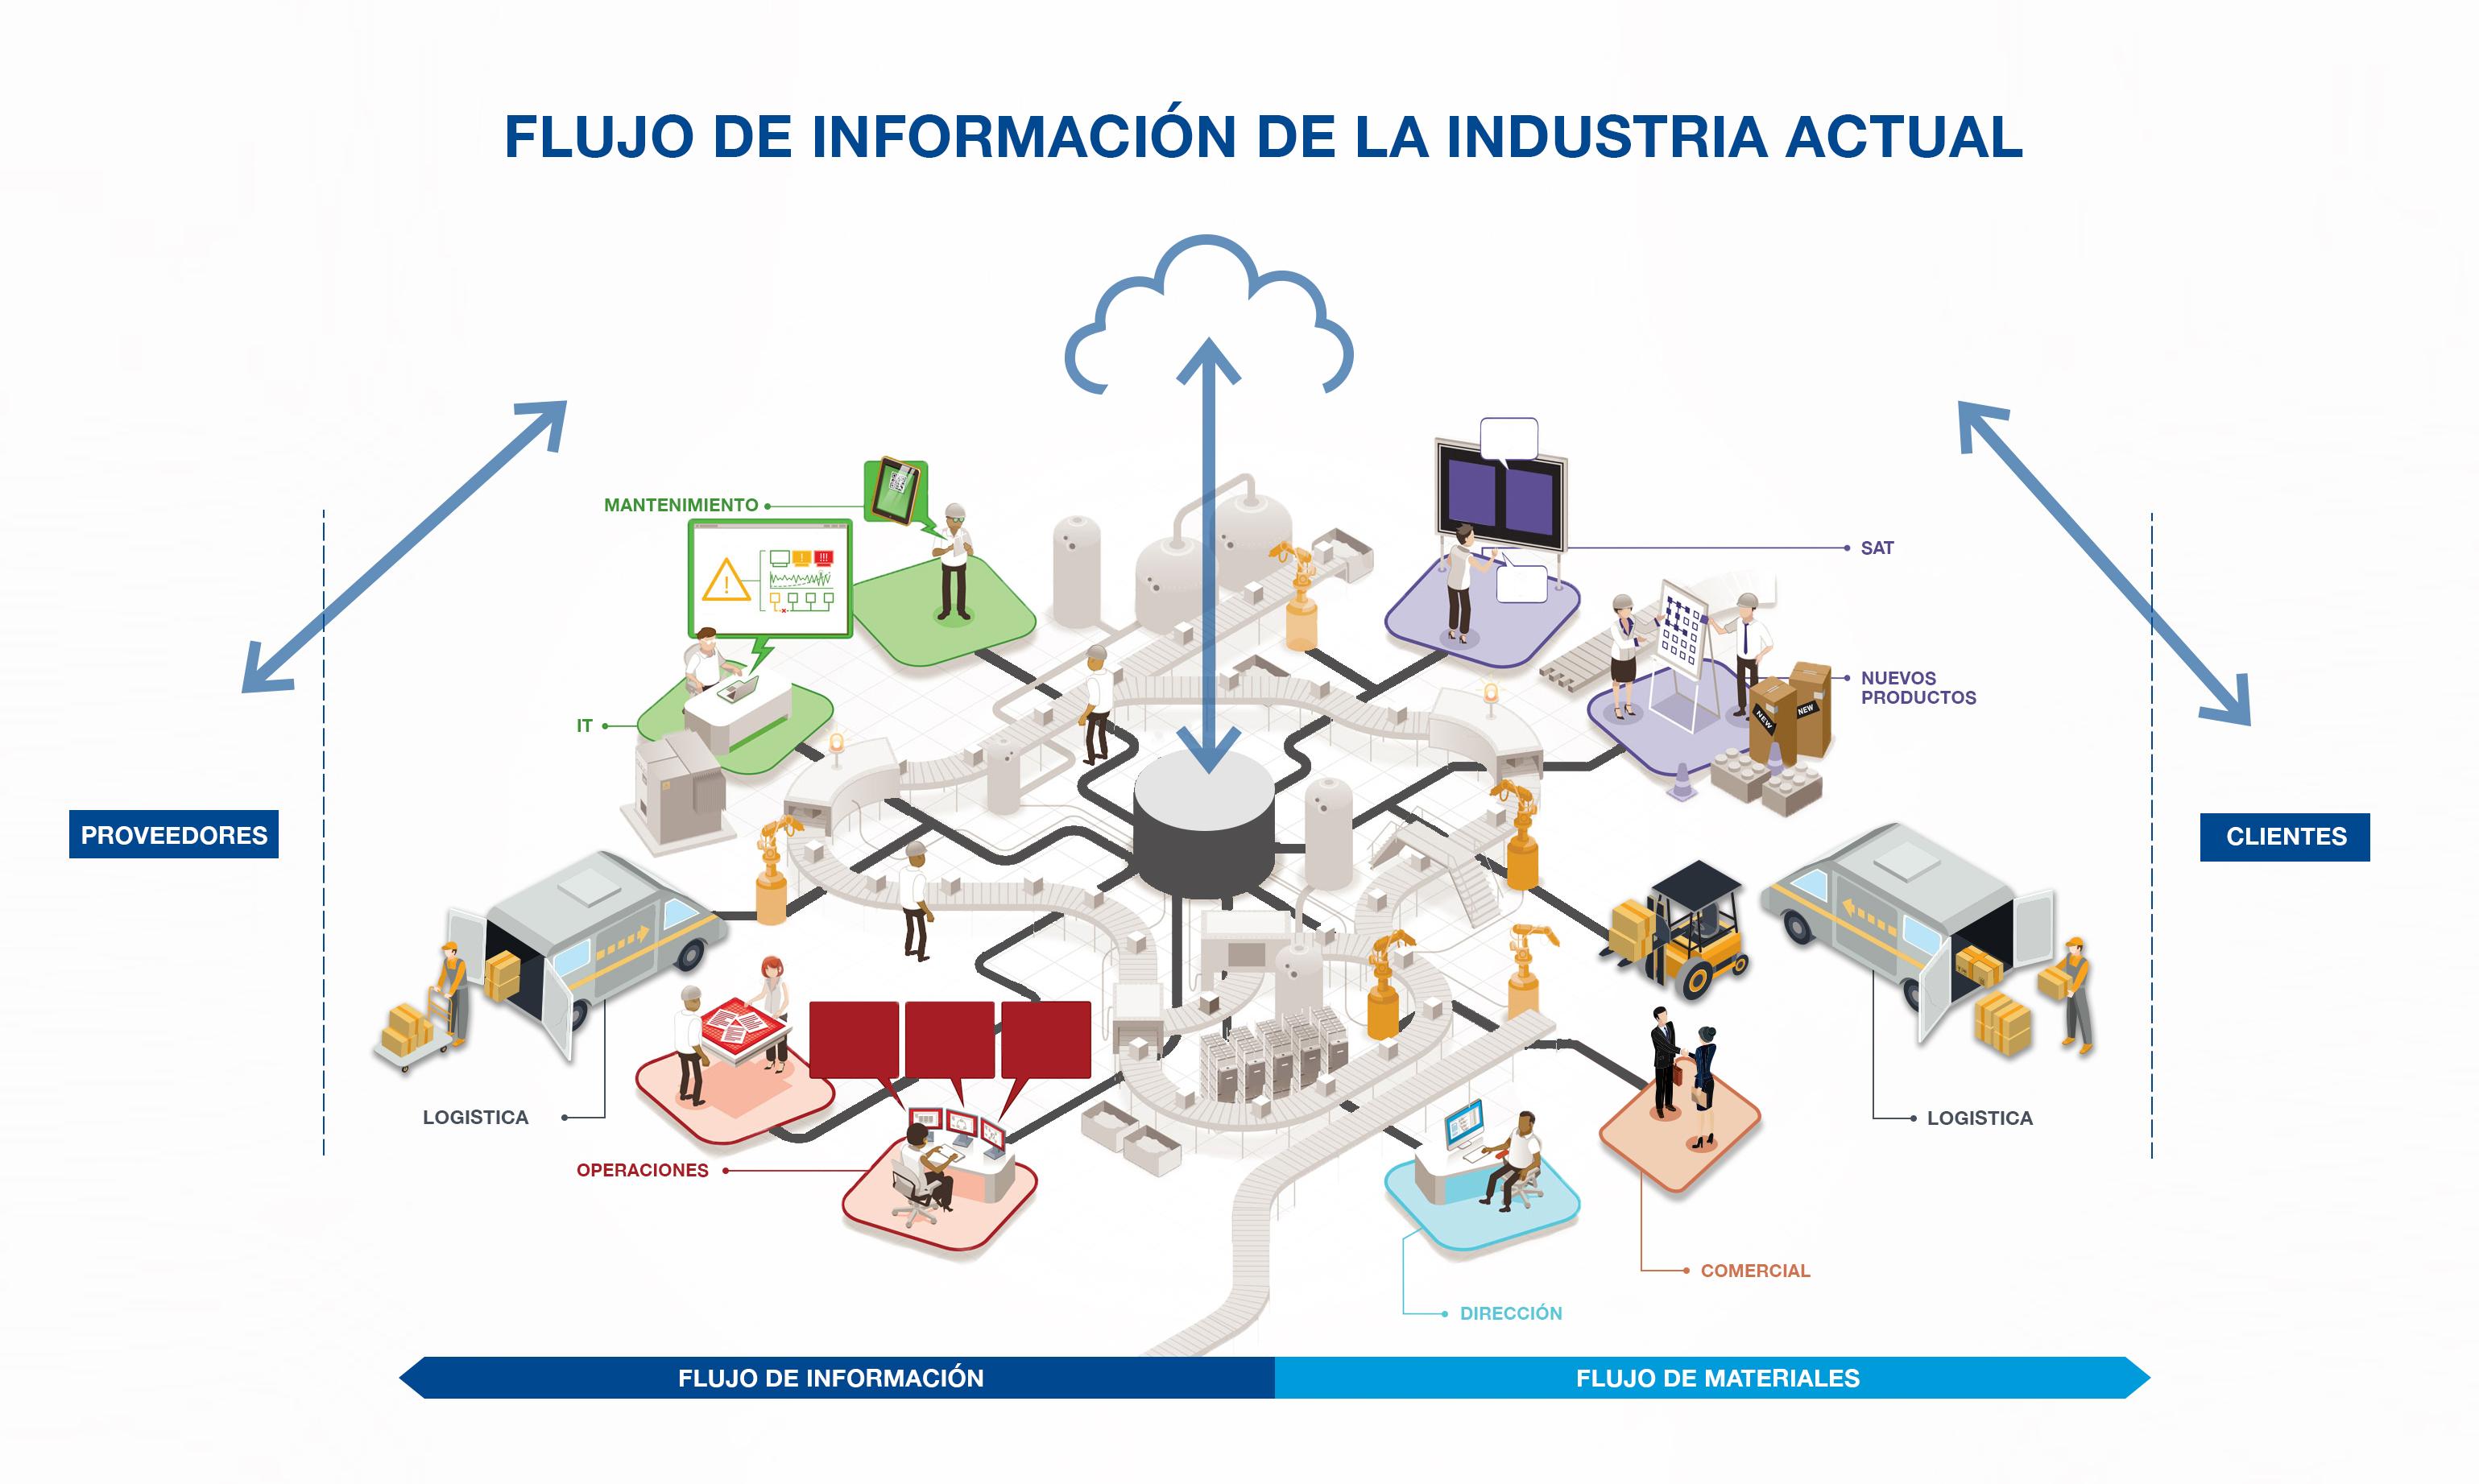 Flujo de Información en las industrias actuales